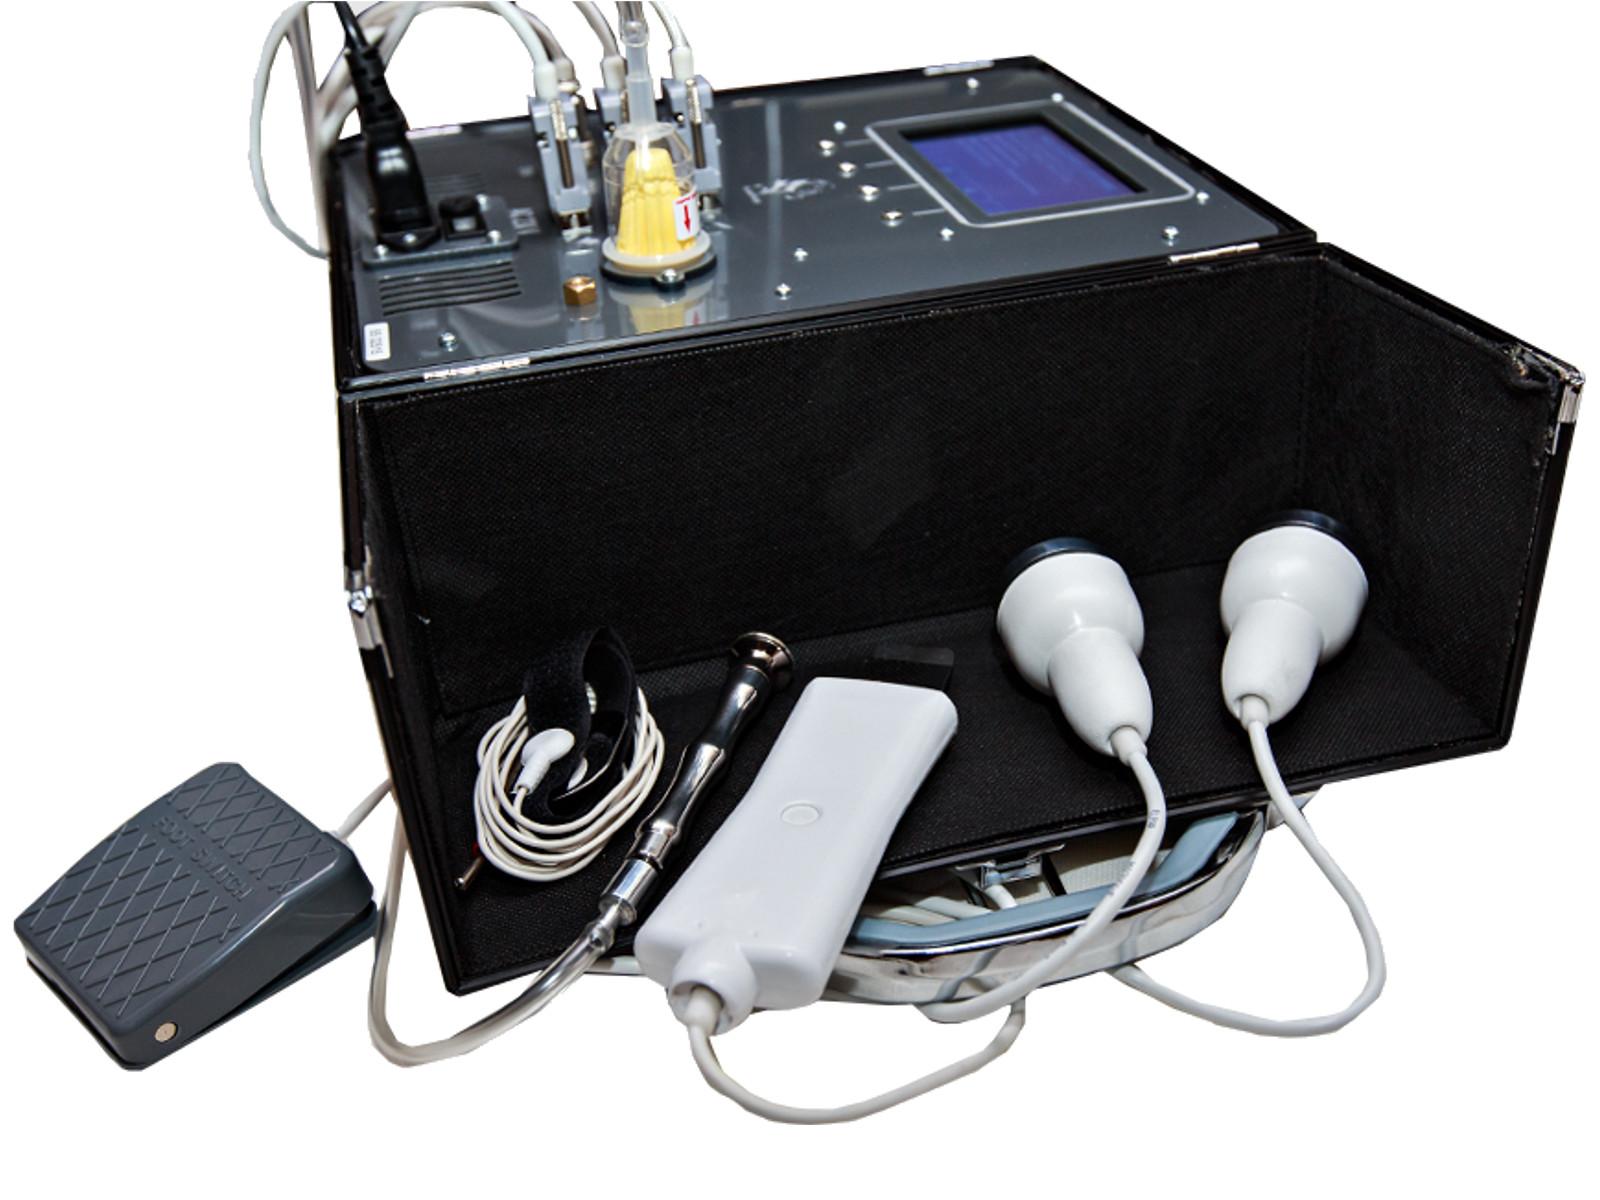 7W1 Mobilný kozmetický kombinovaný, mikrodermabrázia